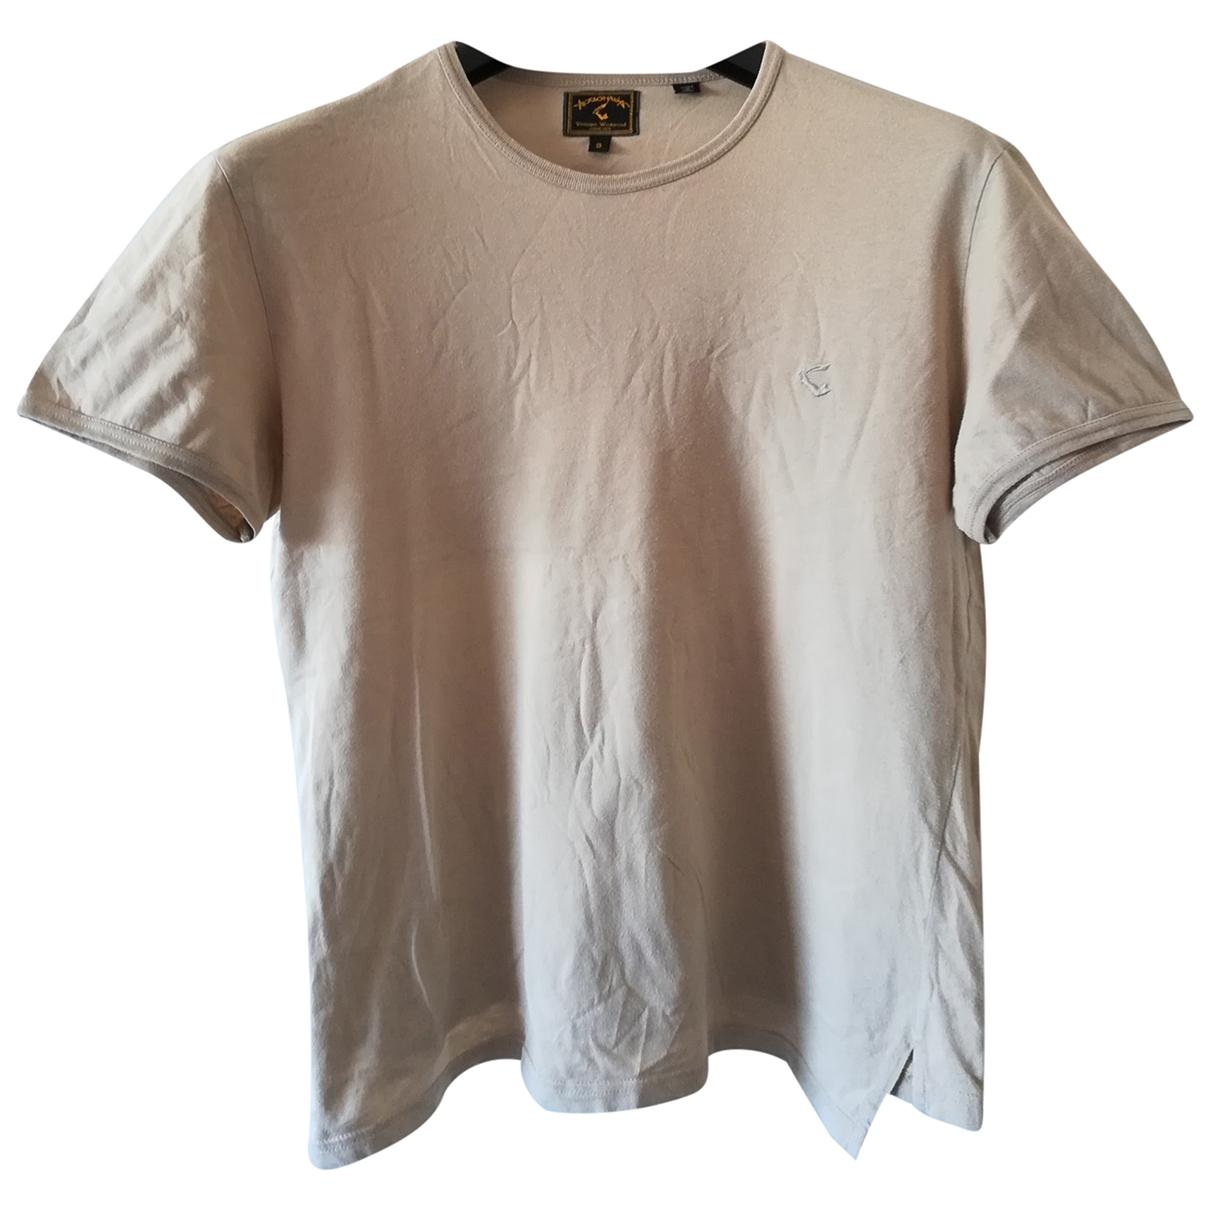 Vivienne Westwood Anglomania - Tee shirts   pour homme en coton - beige